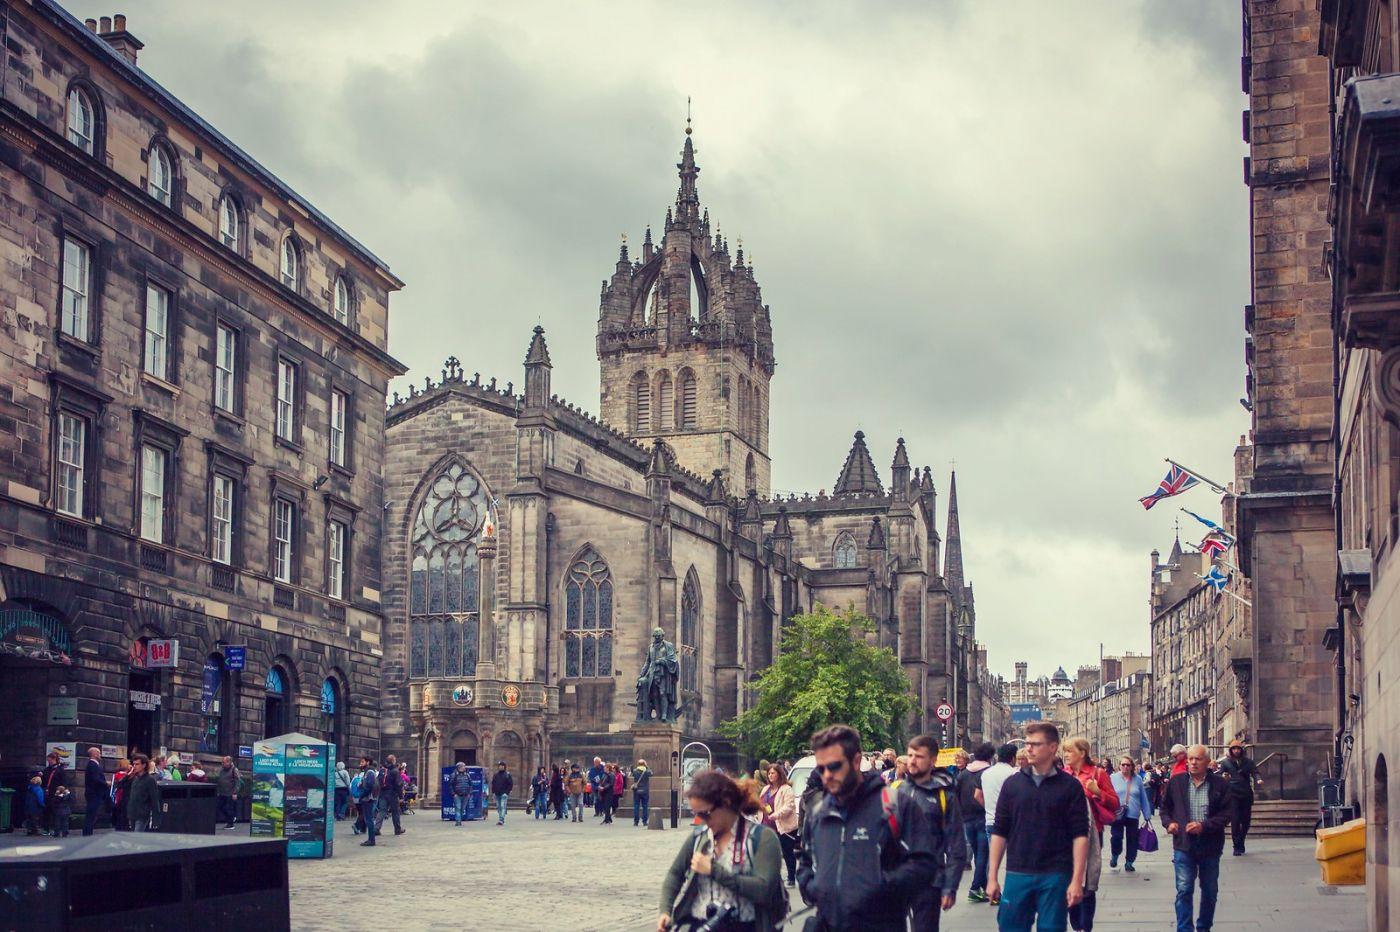 苏格兰爱丁堡,老城市老文化_图1-18